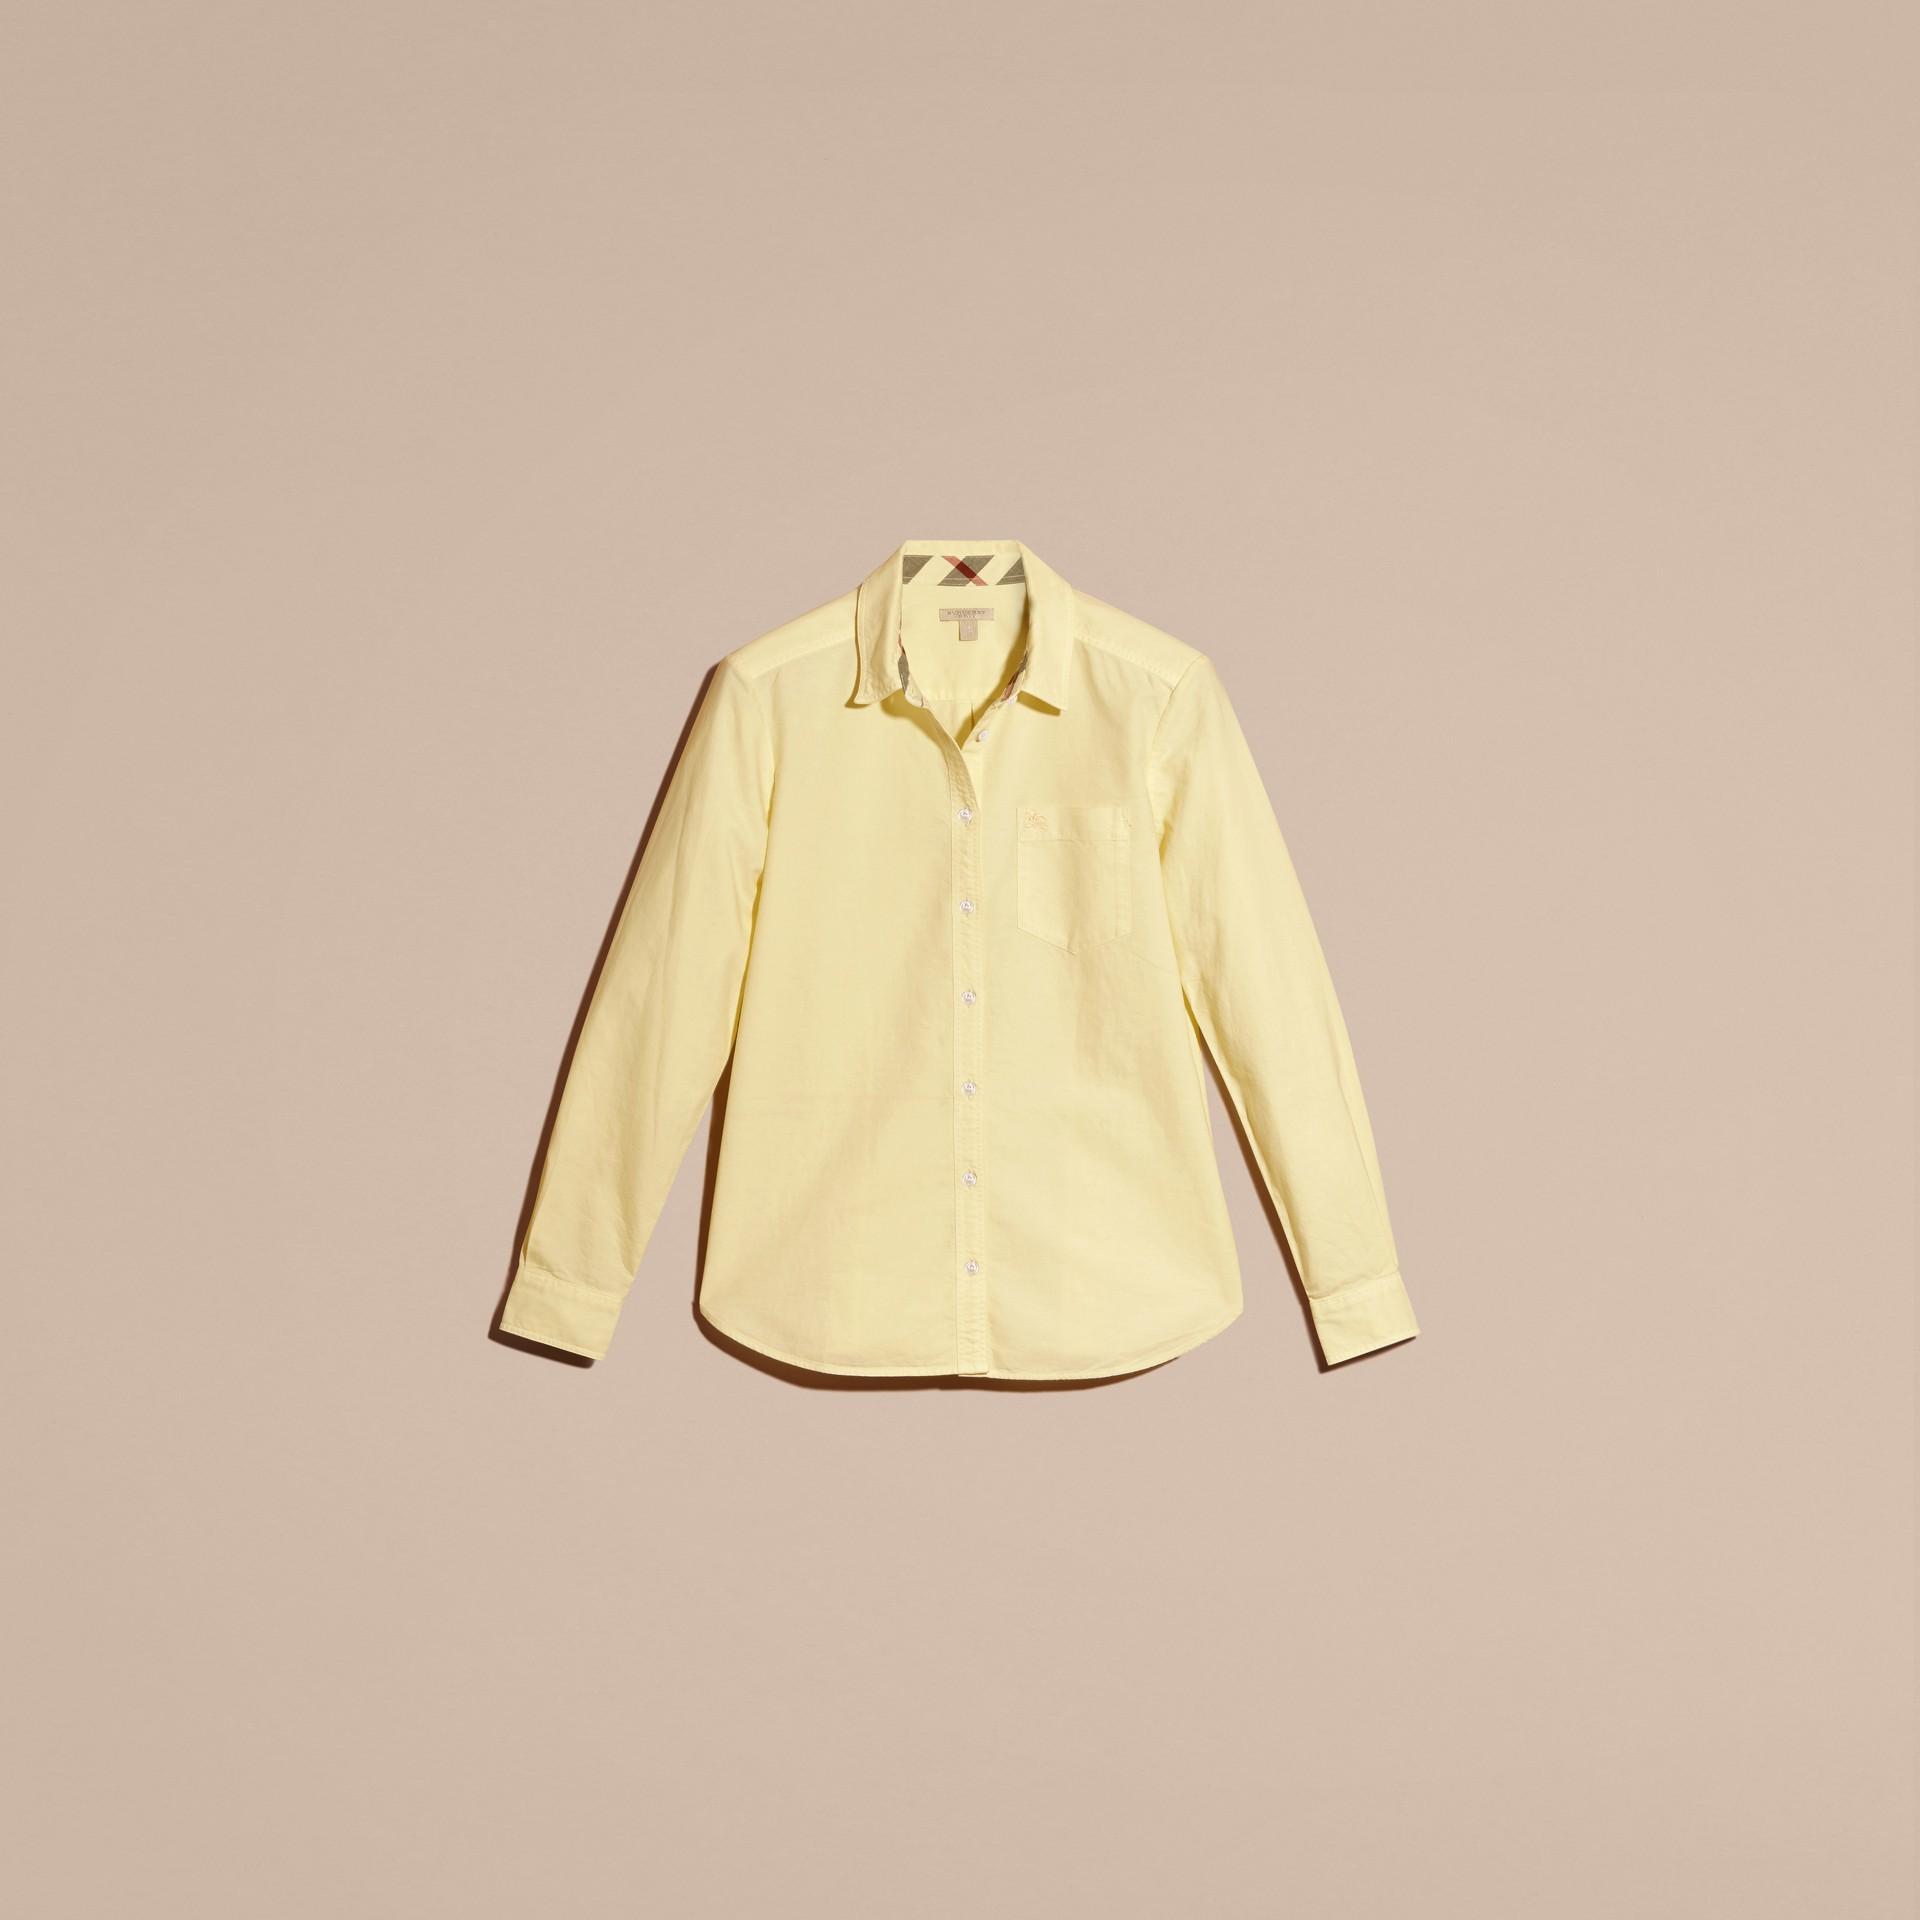 Jaune pâle Chemise en coton avec motif check Jaune Pâle - photo de la galerie 3